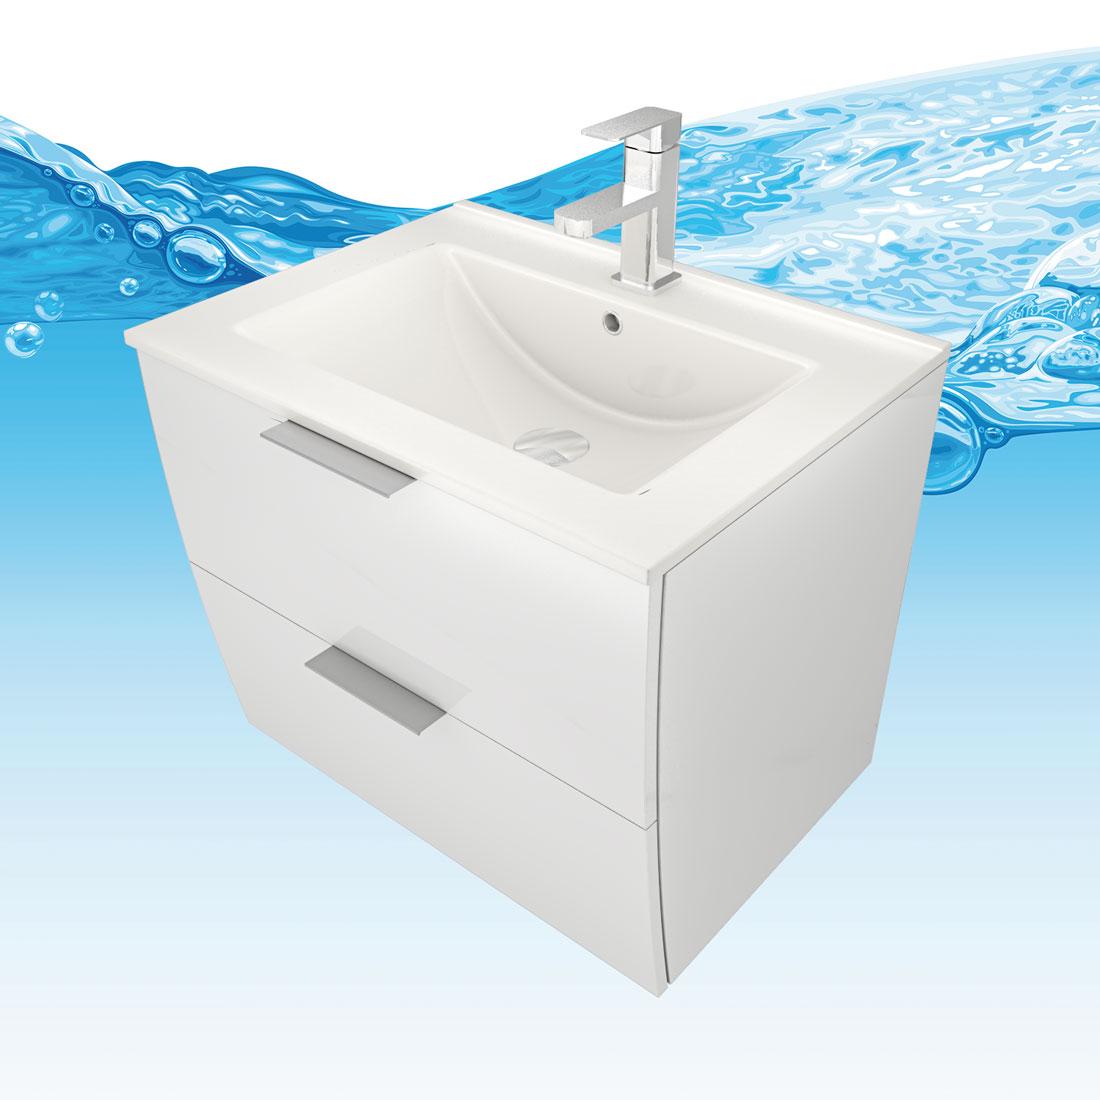 Waschtisch Mit Waschbecken Unterschrank Gently 2 60cm Hochglanz